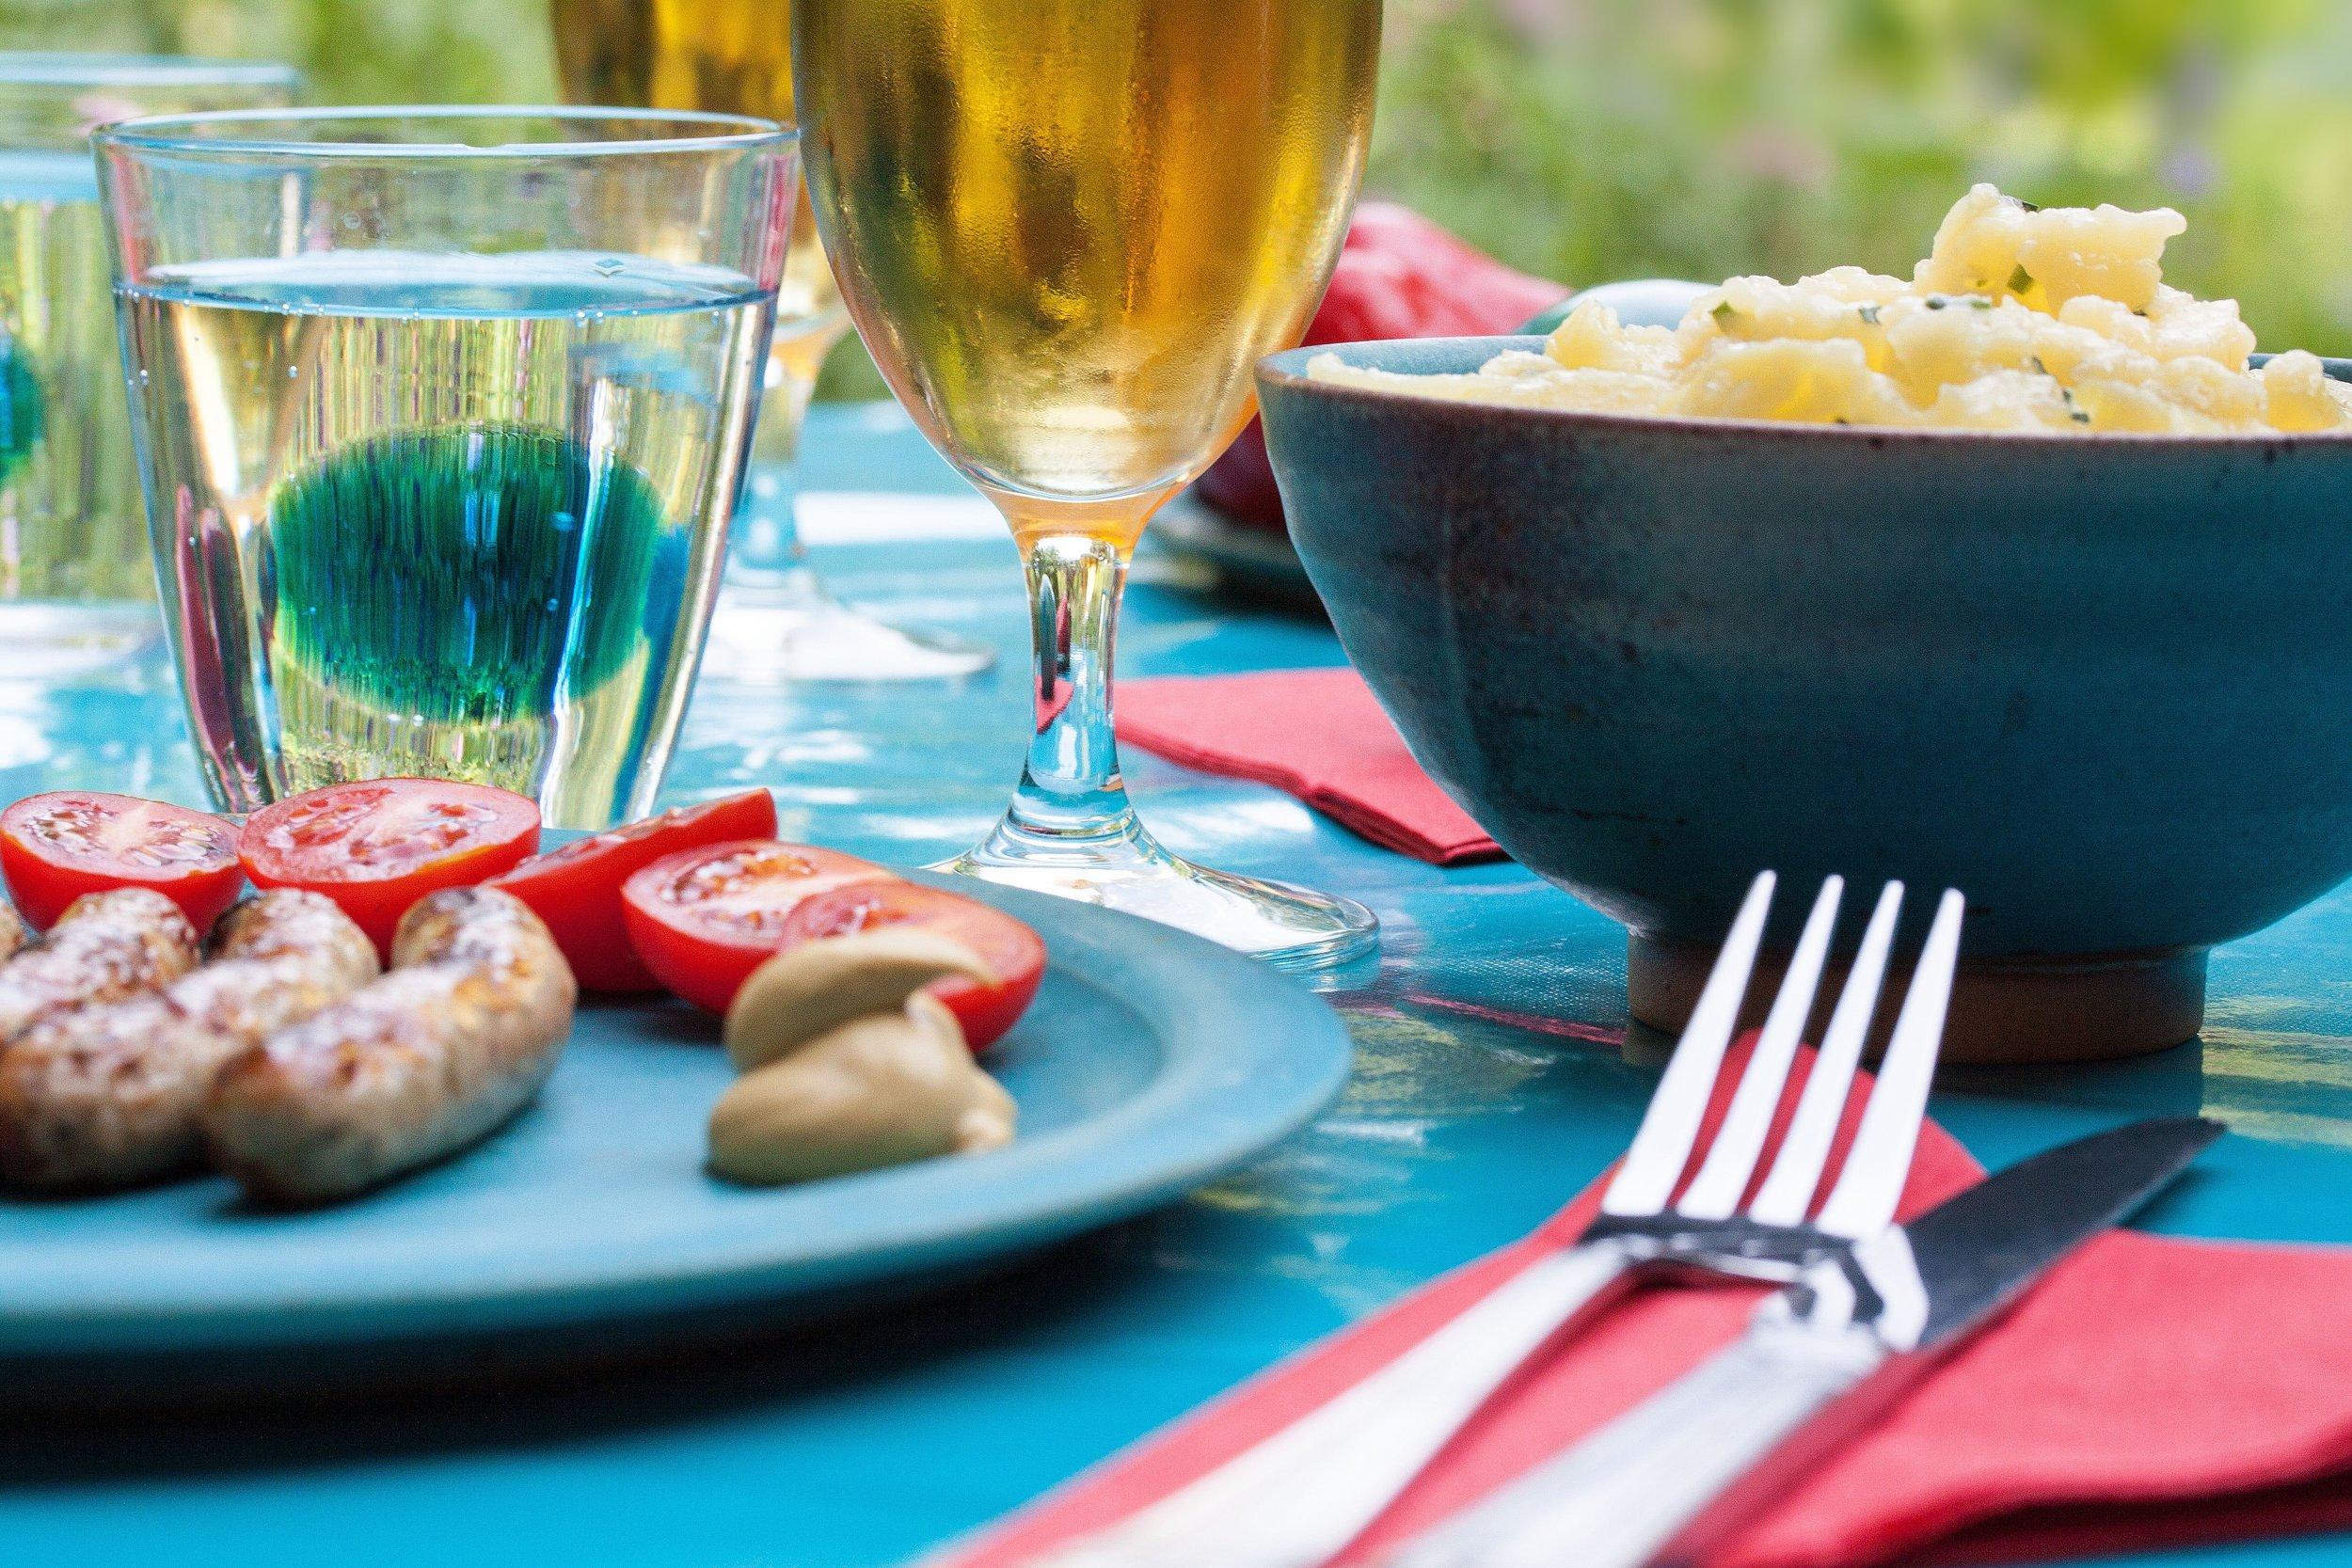 barbecue-beer-cutlery-2139.jpg